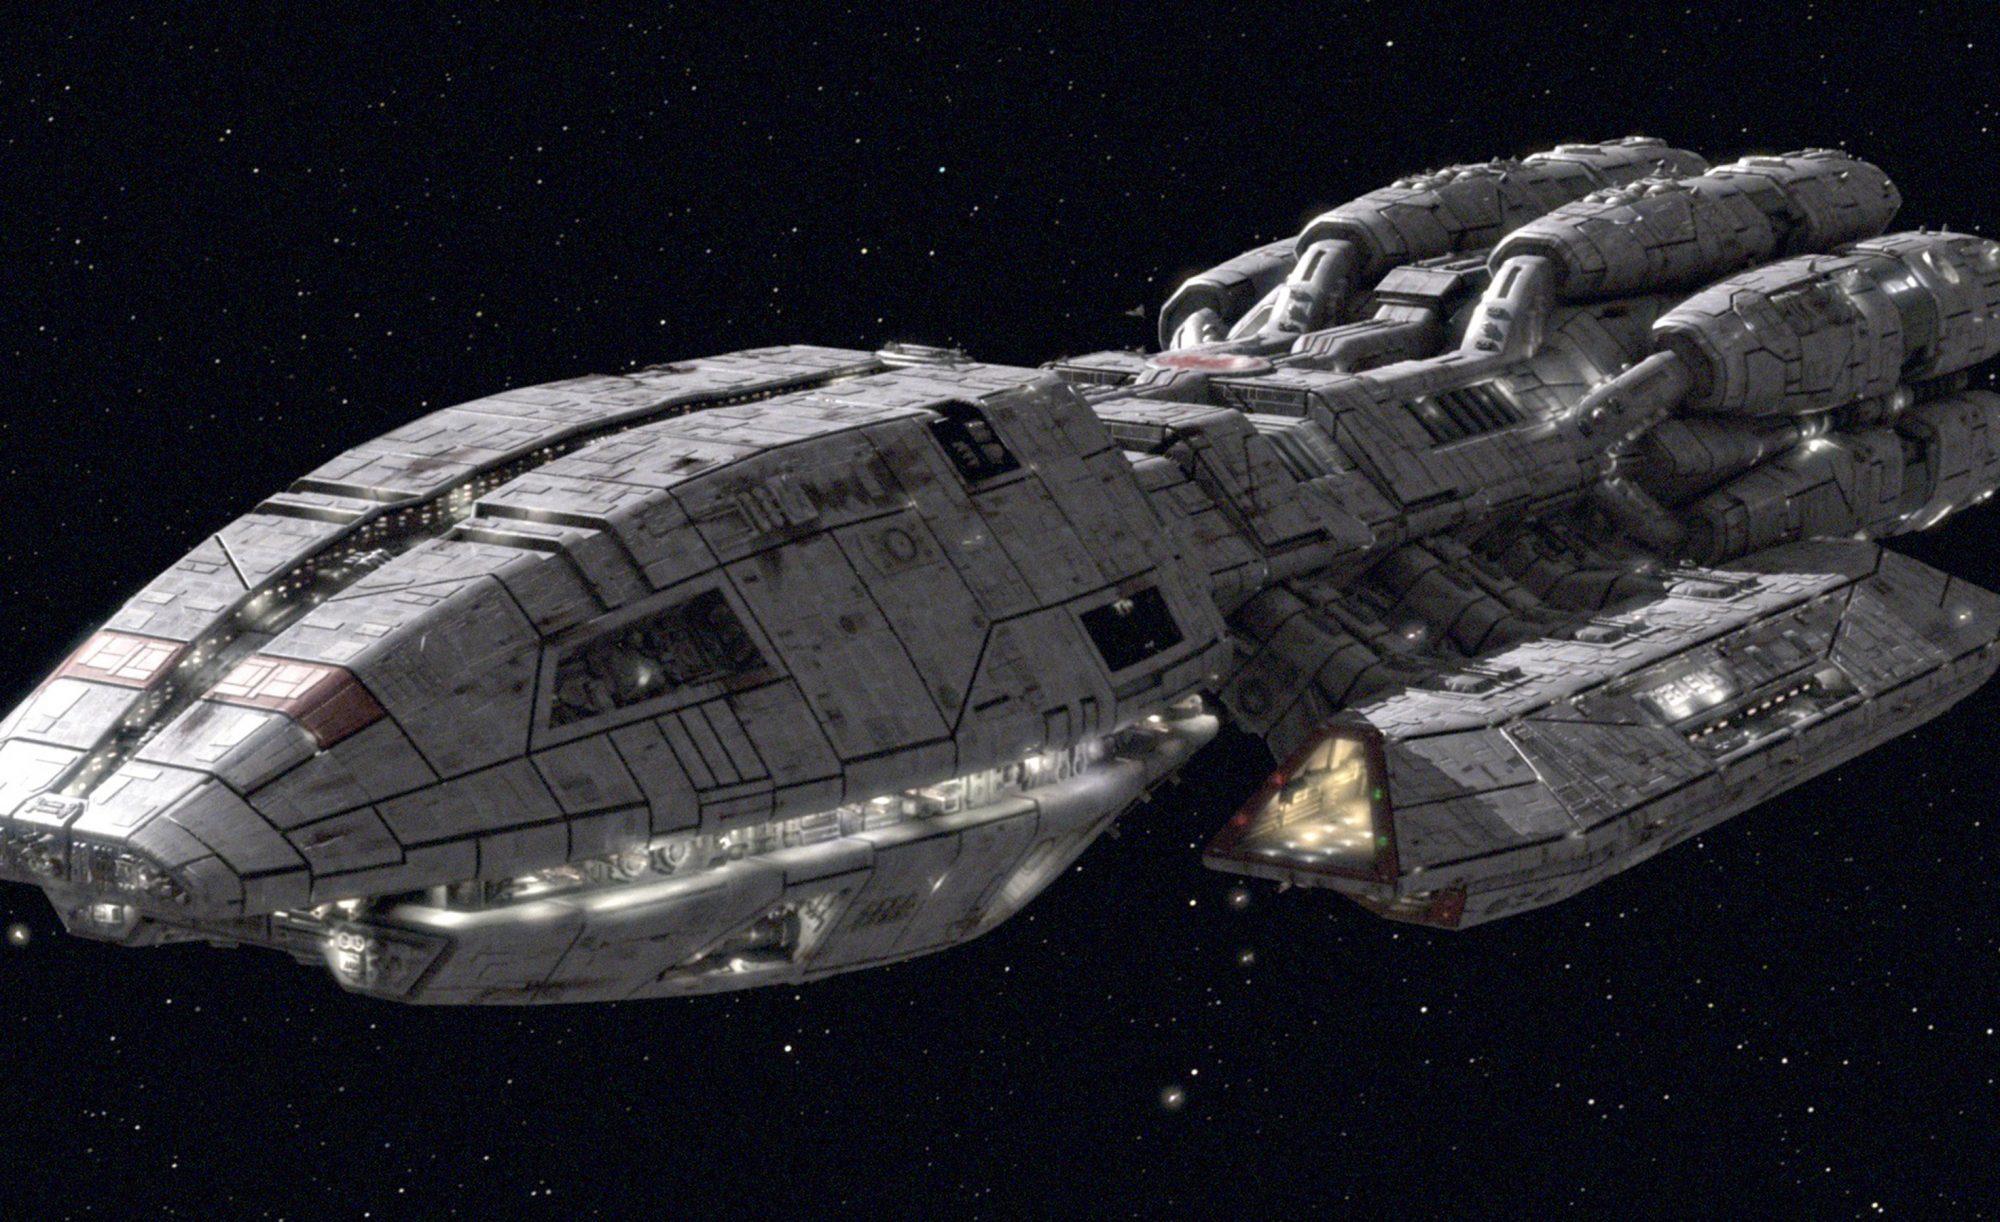 Battlestar GalacticaShip from Battlestar